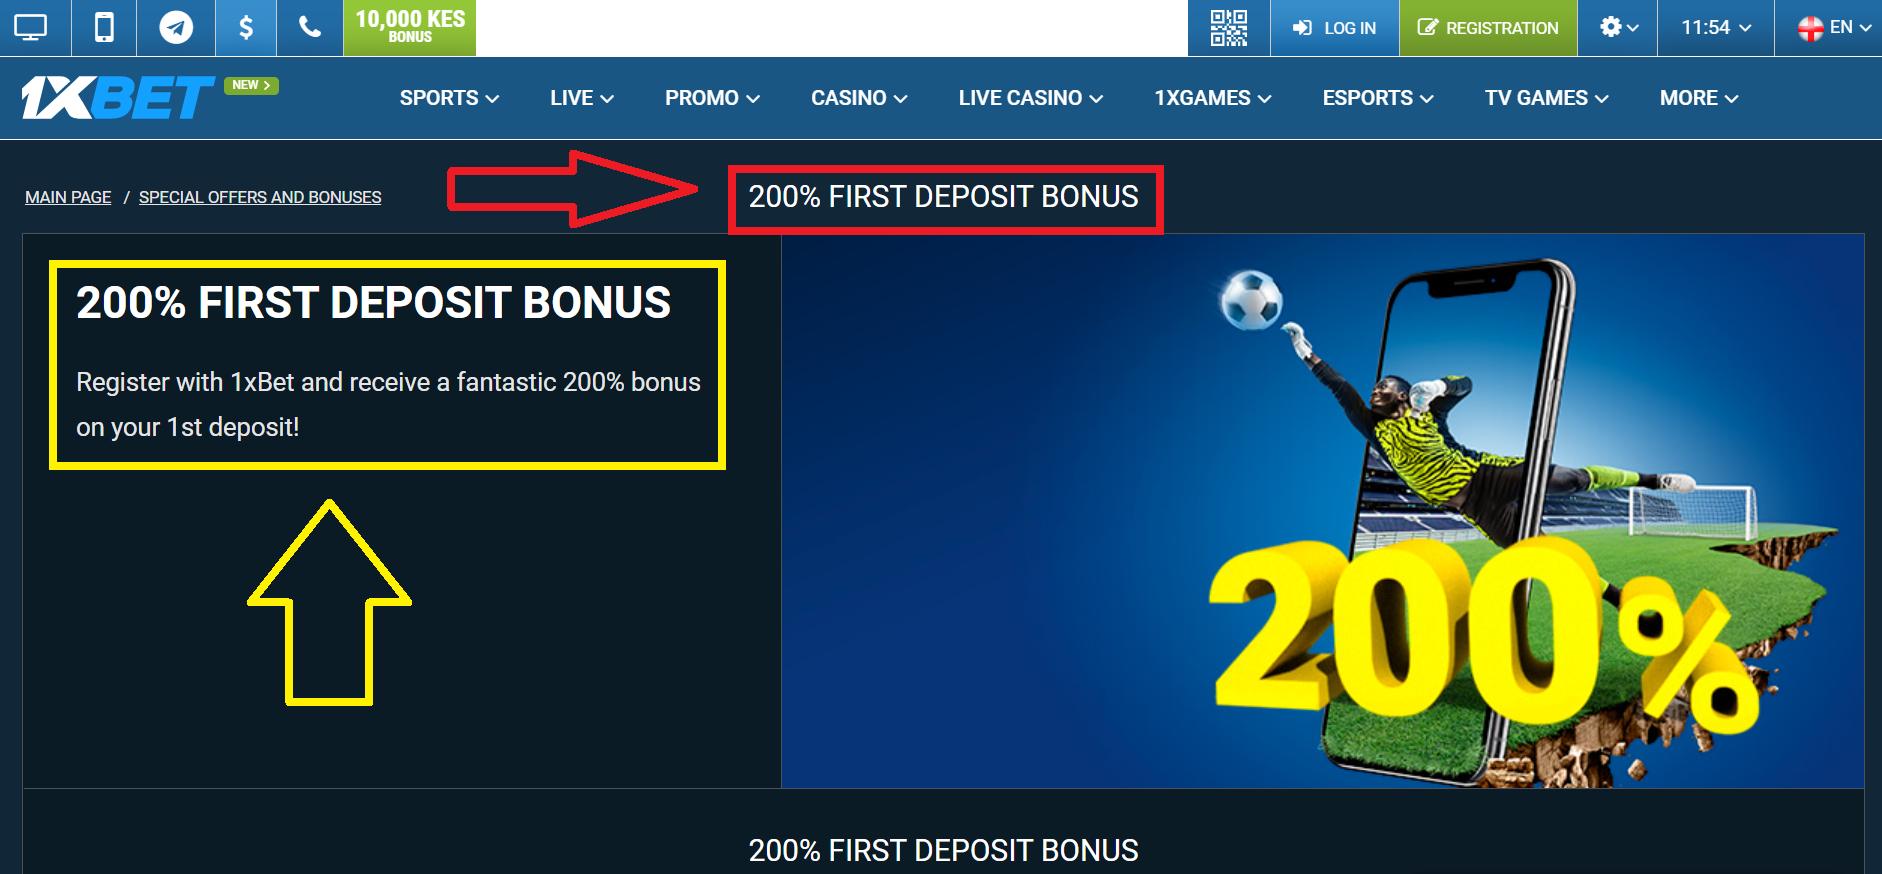 How to Use 1xbet Bonus